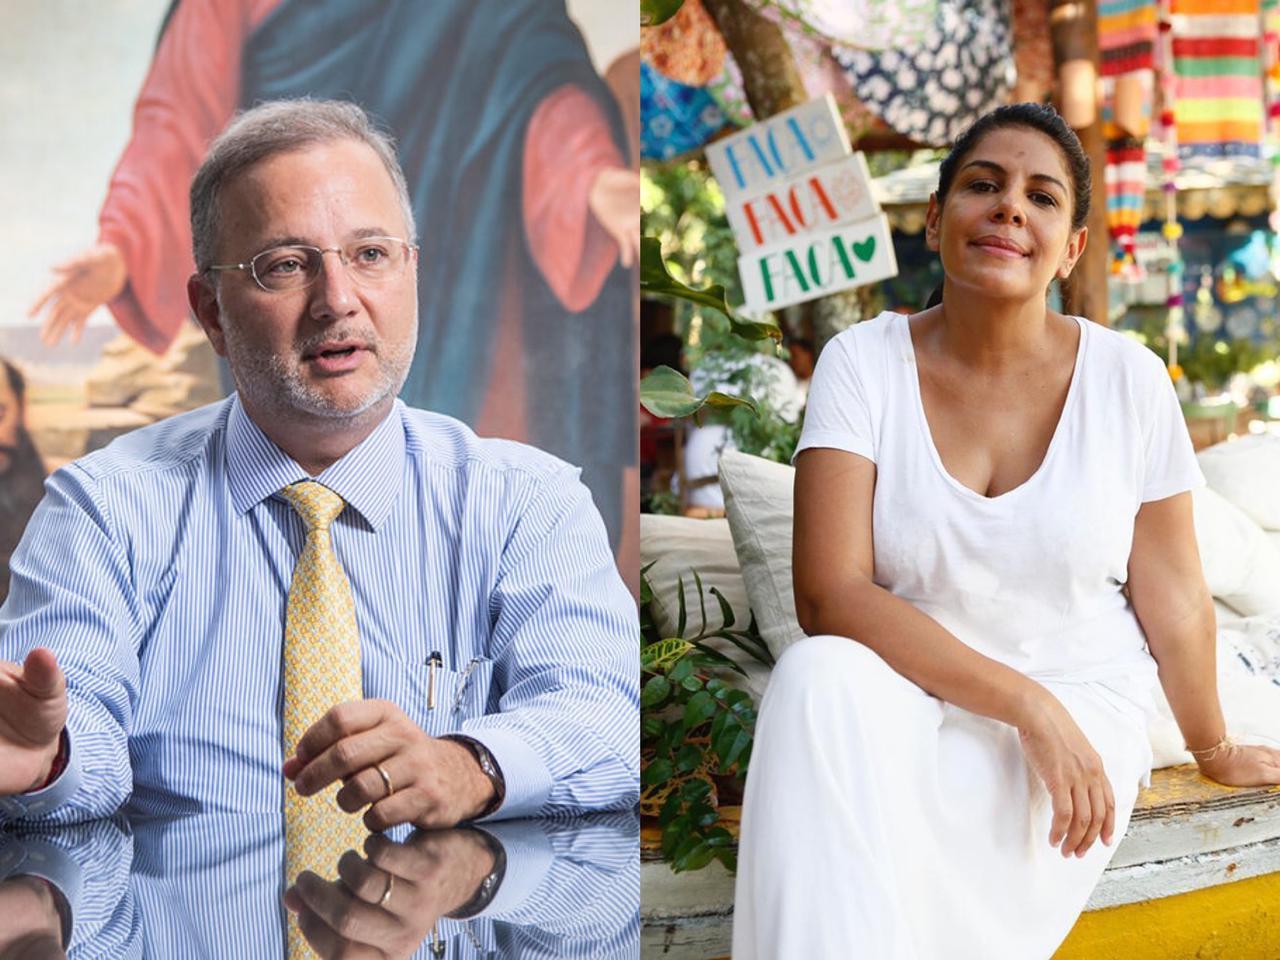 Após ofensas contra chef, Fábio Vilas-Boas pede exoneração do cargo de secretário de Saúde do estado